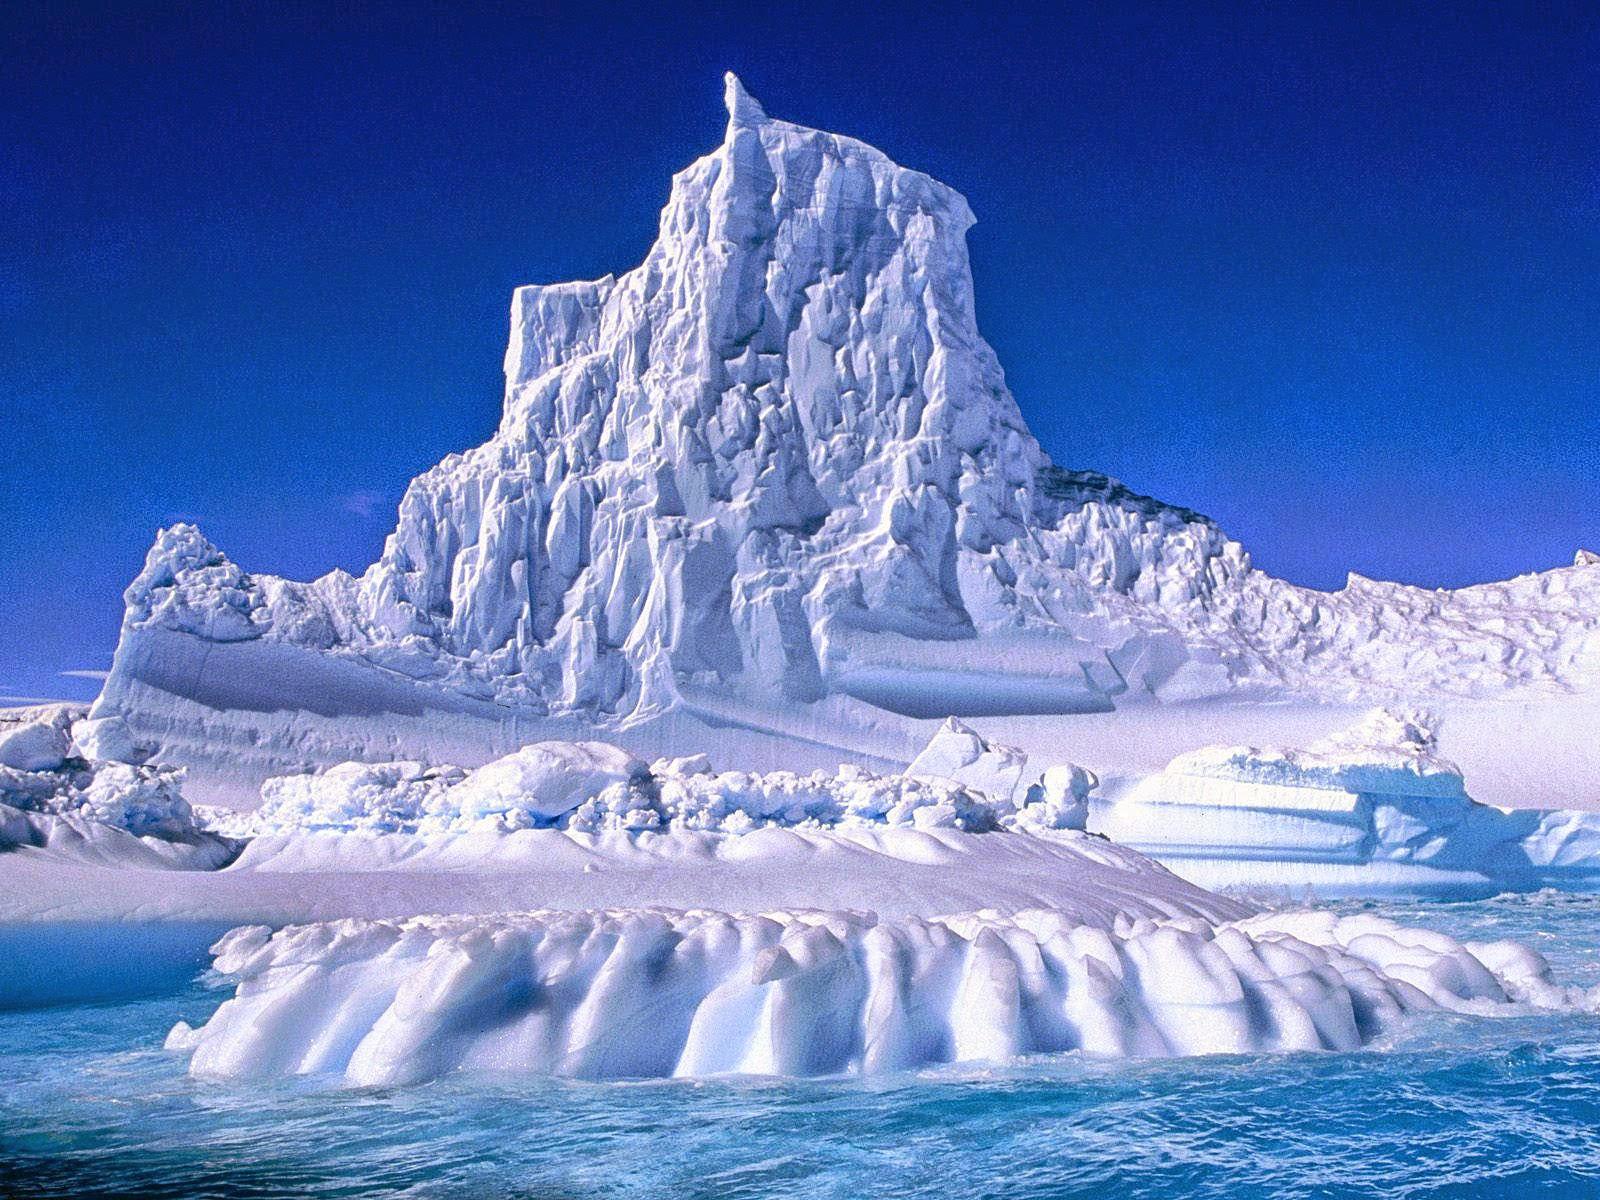 Fieggentrio Antarctica Is Het Droogste Continent Waar